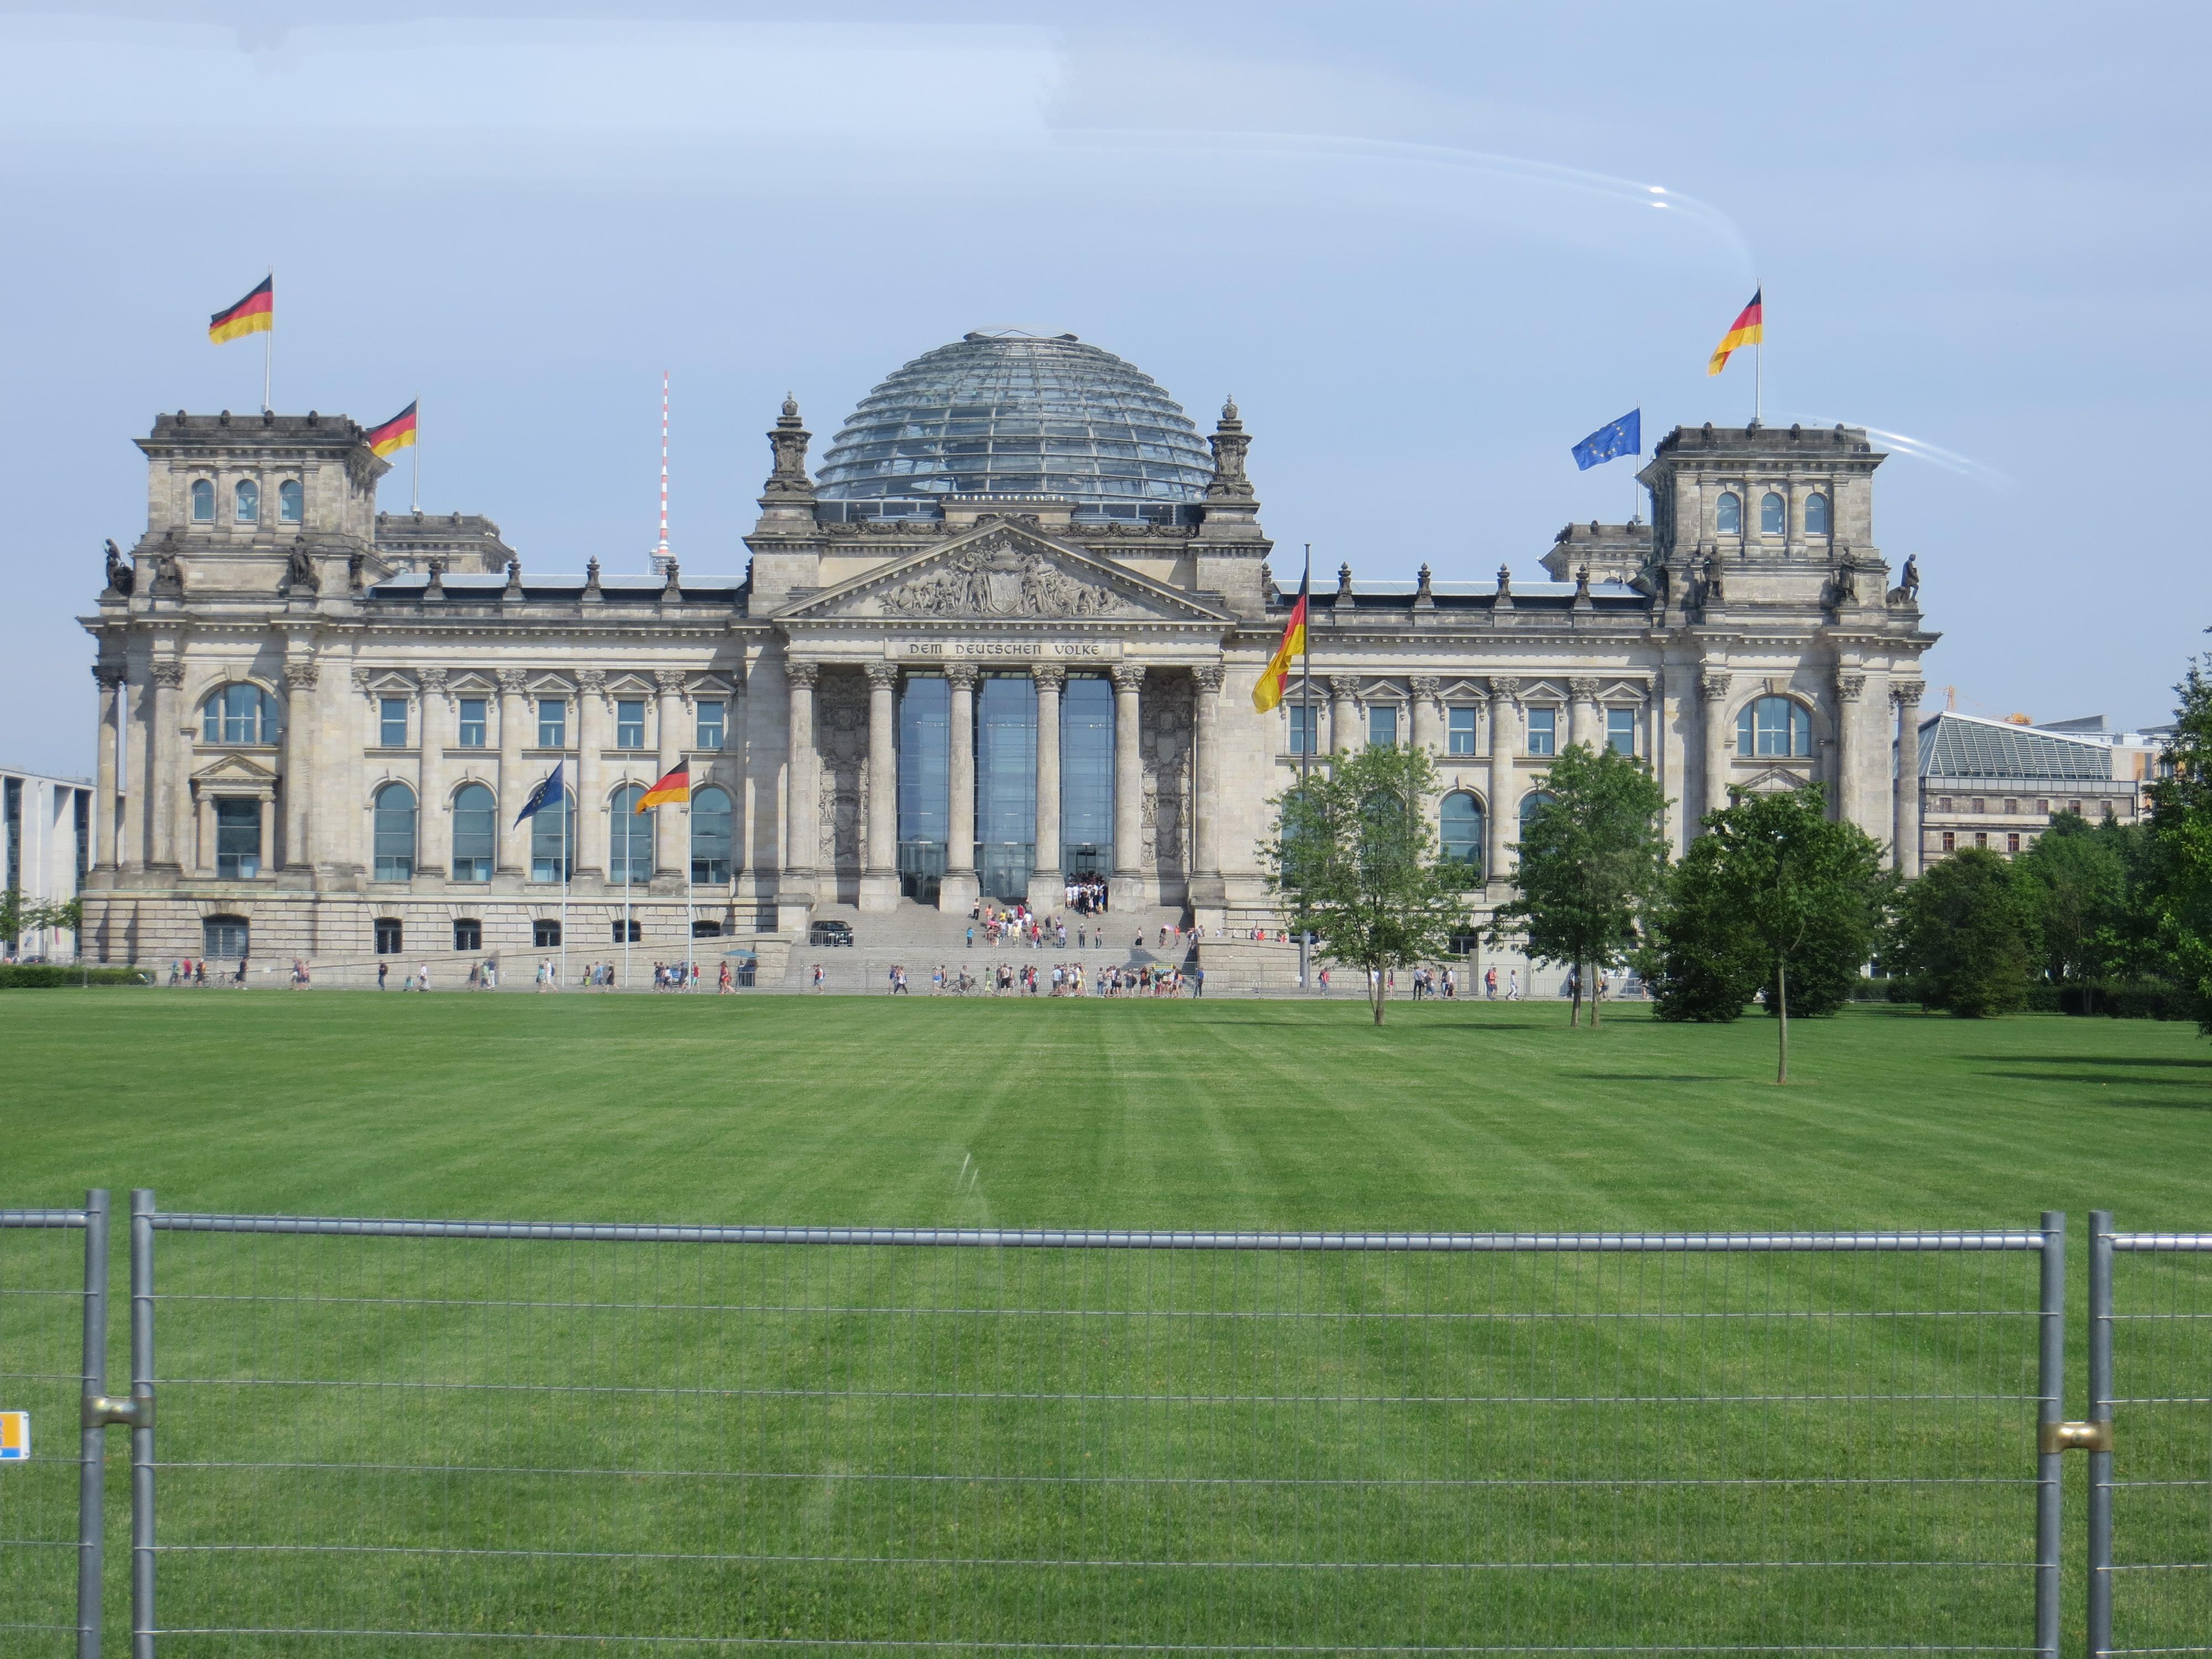 Berlin 7.17 Reichstag